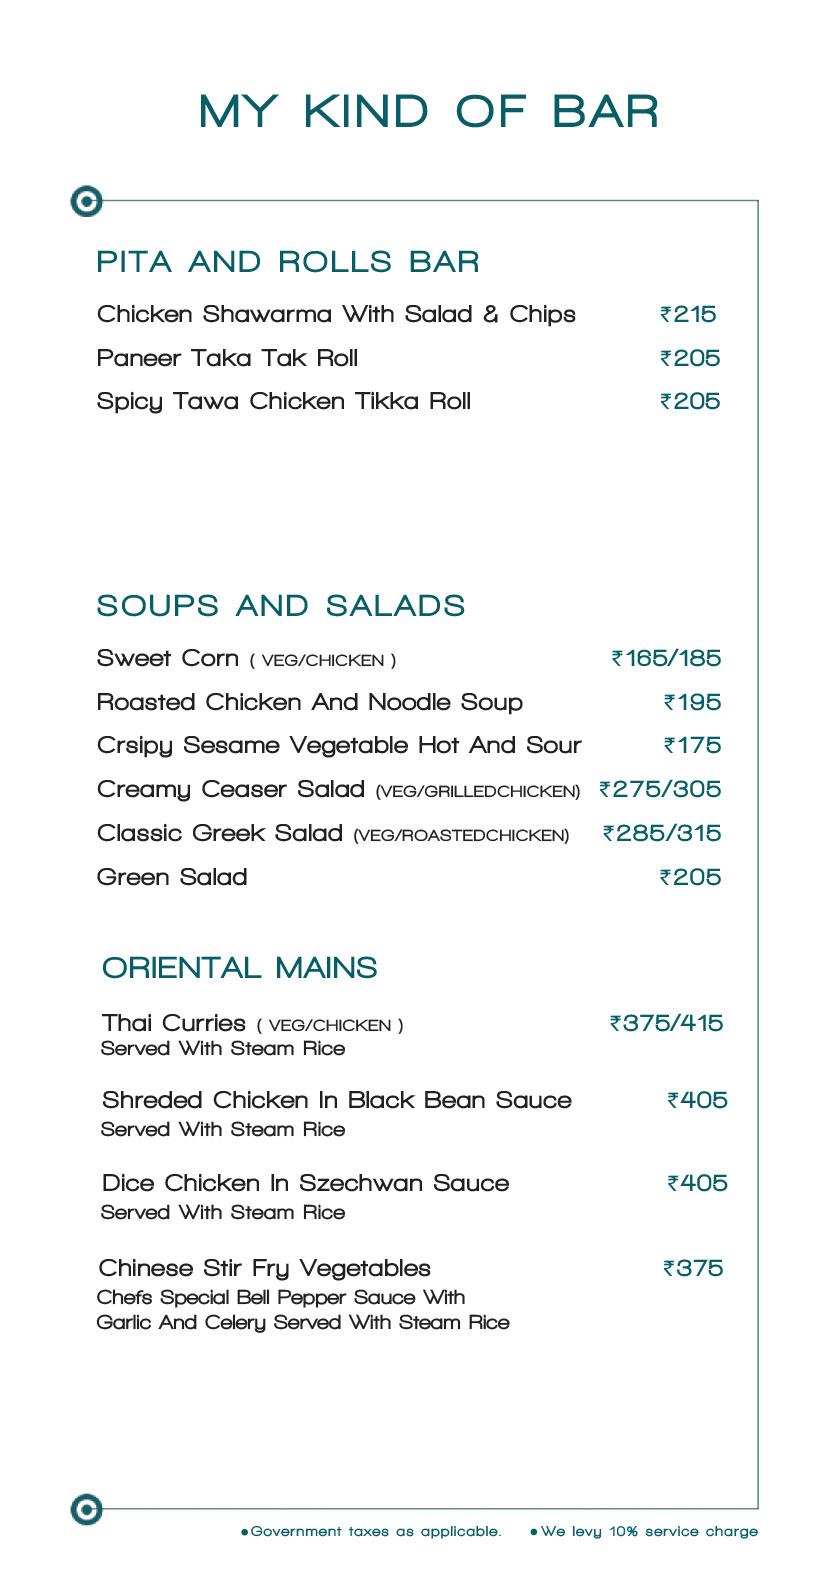 Mkob - My Kind Of Bar menu 11